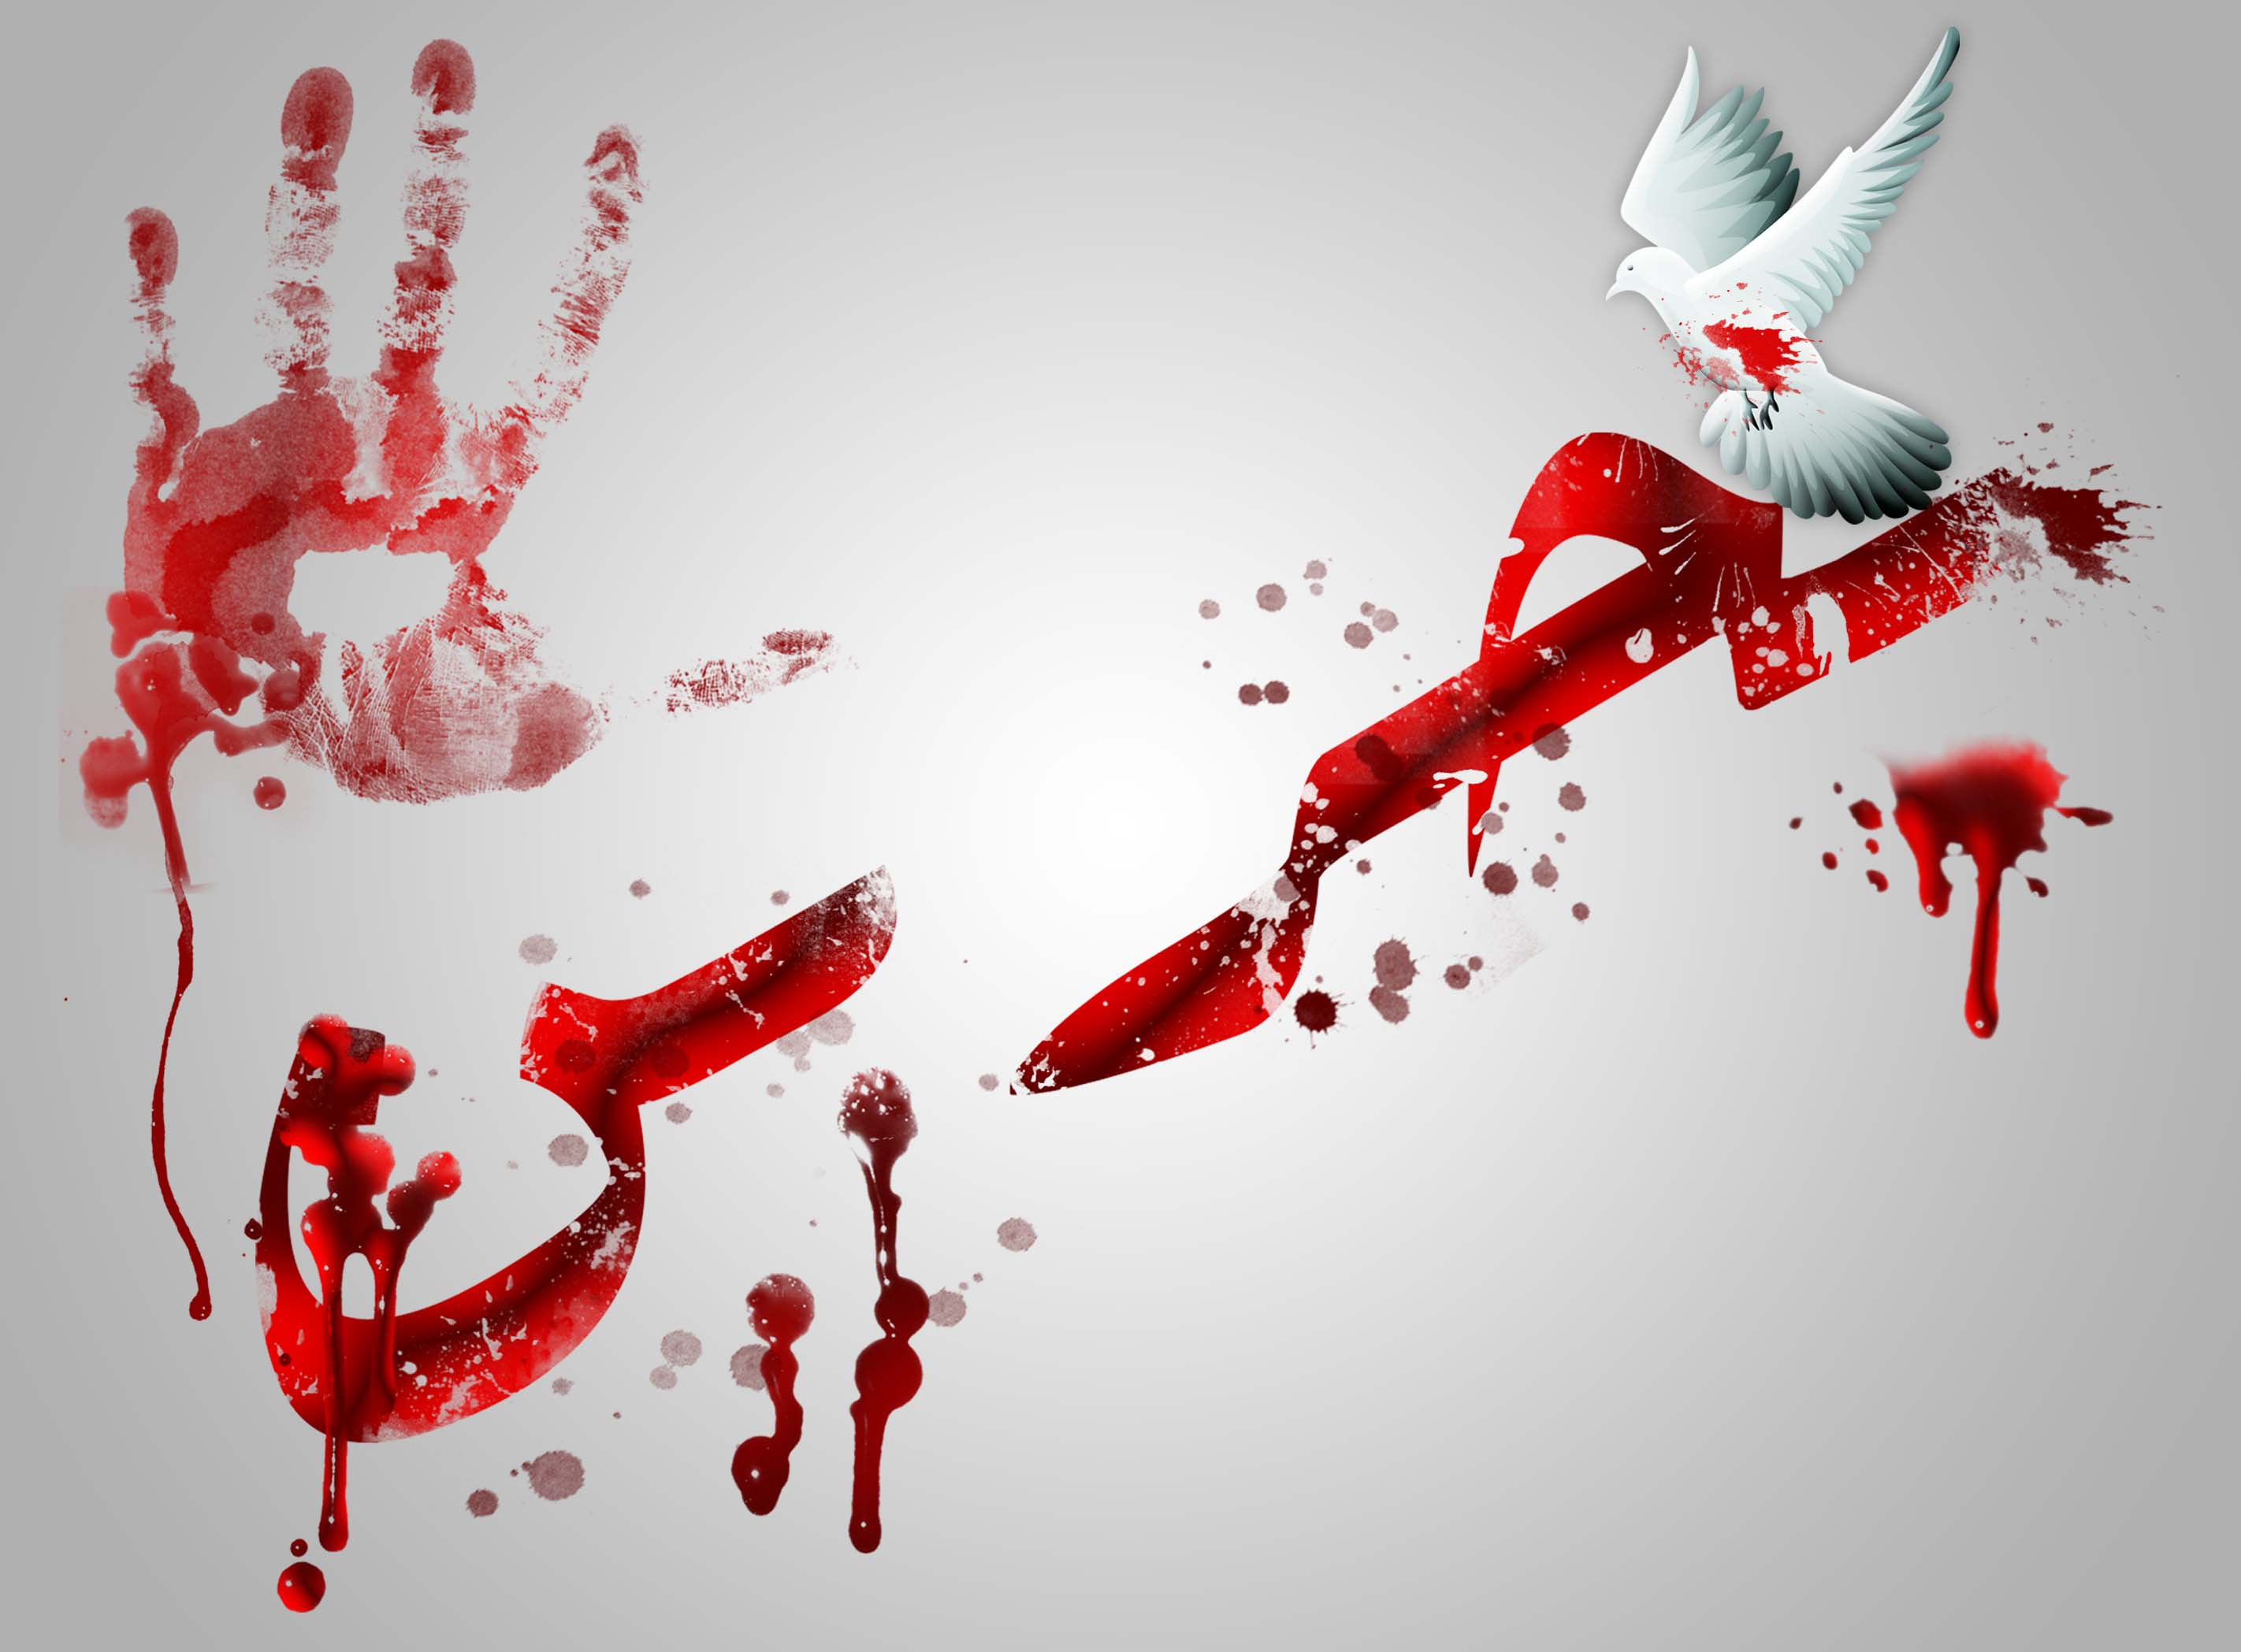 بحرین بحر الدم